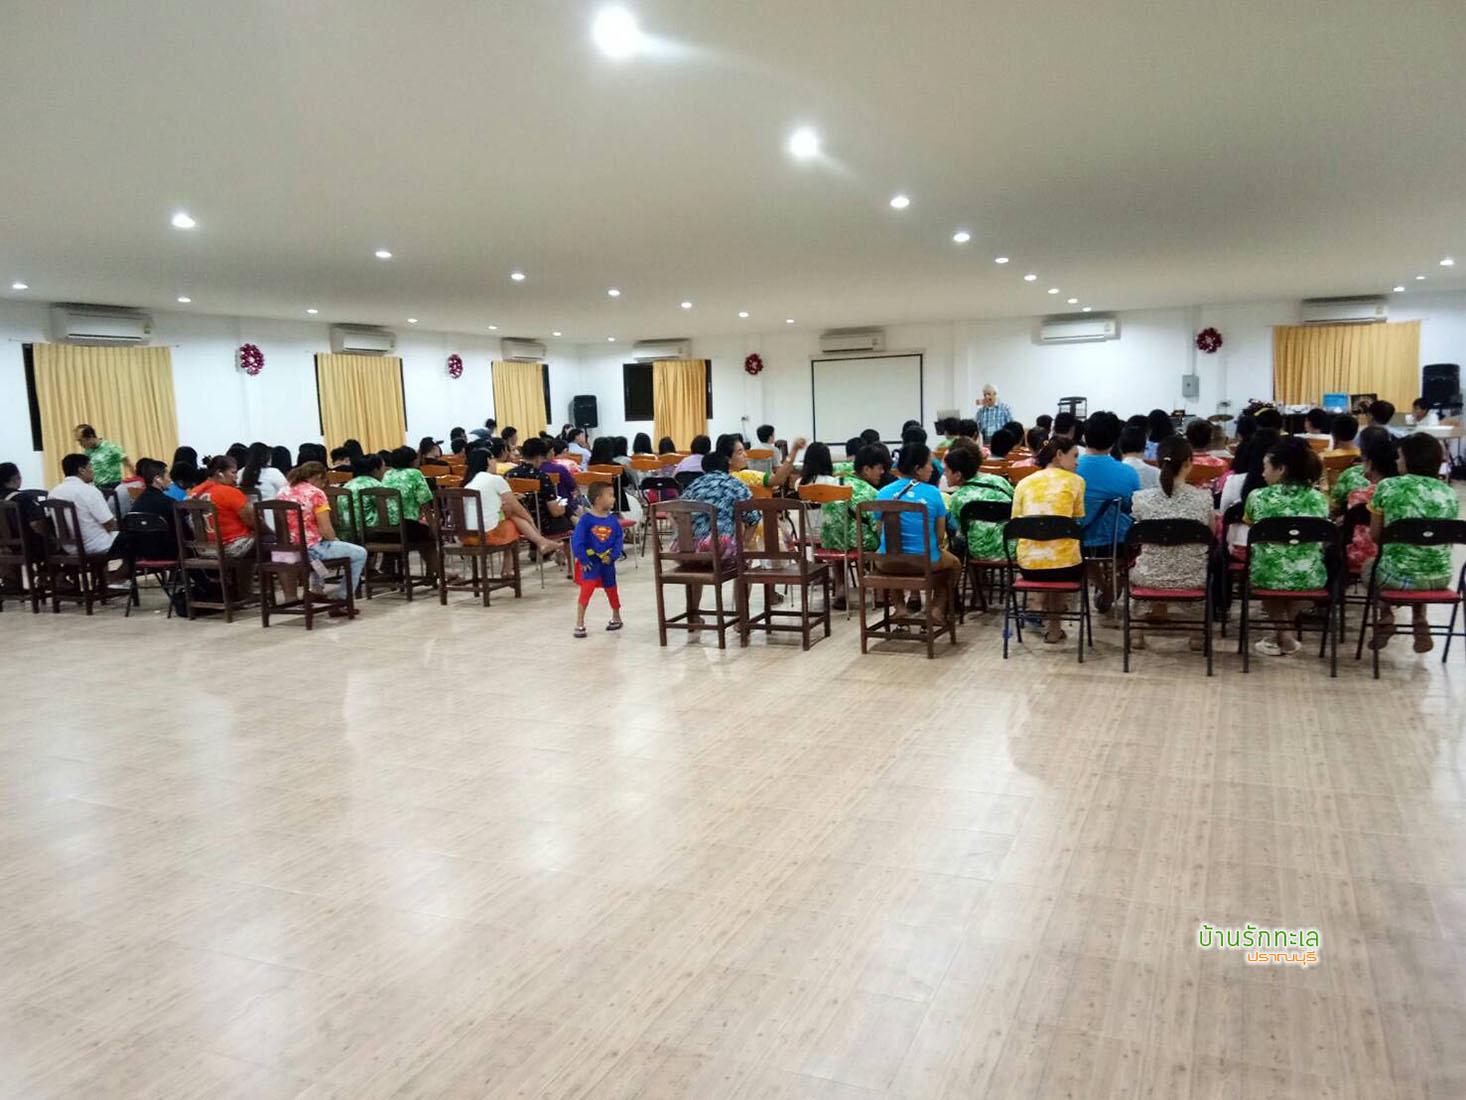 ห้องประชุมติดแอร์ ที่พักติดทะเล ปราณบุรี